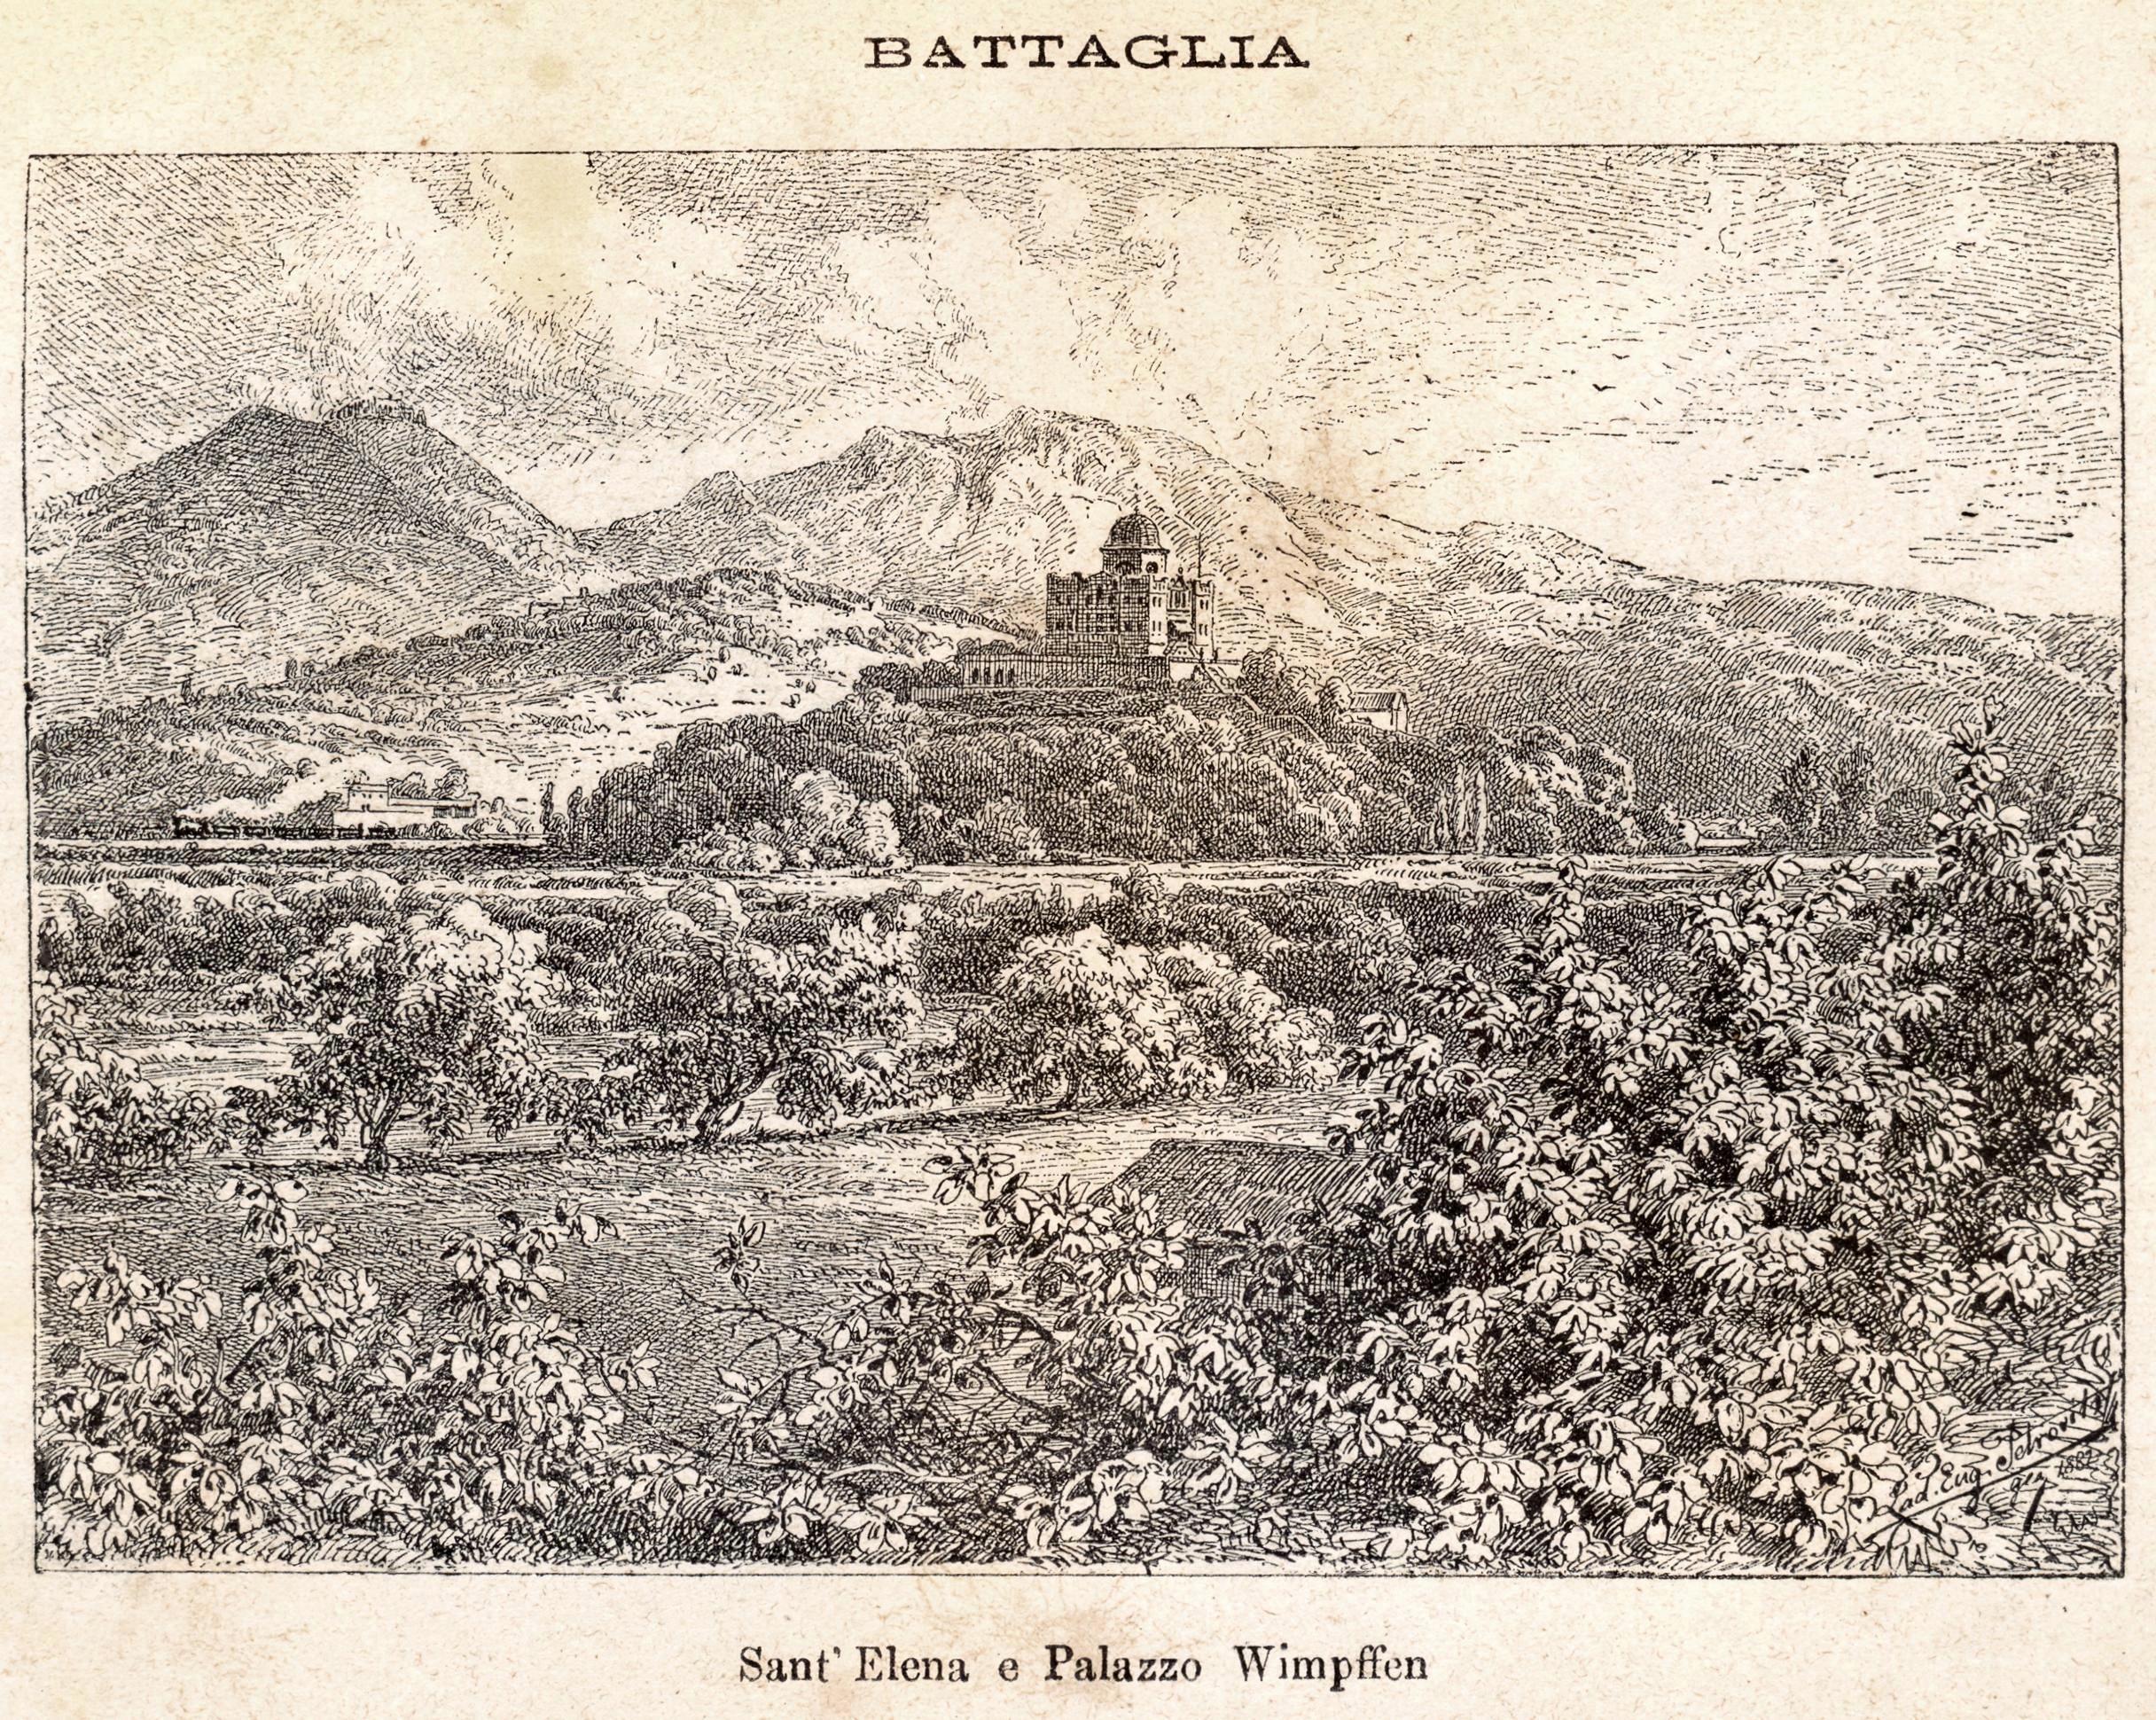 Gli stabilimenti e le acque termali di Battaglia si trovano ai piedi del Colle Sant'Elena. Sulla sommità del colle, il Palazzo Wimpffen, già Selvatico.